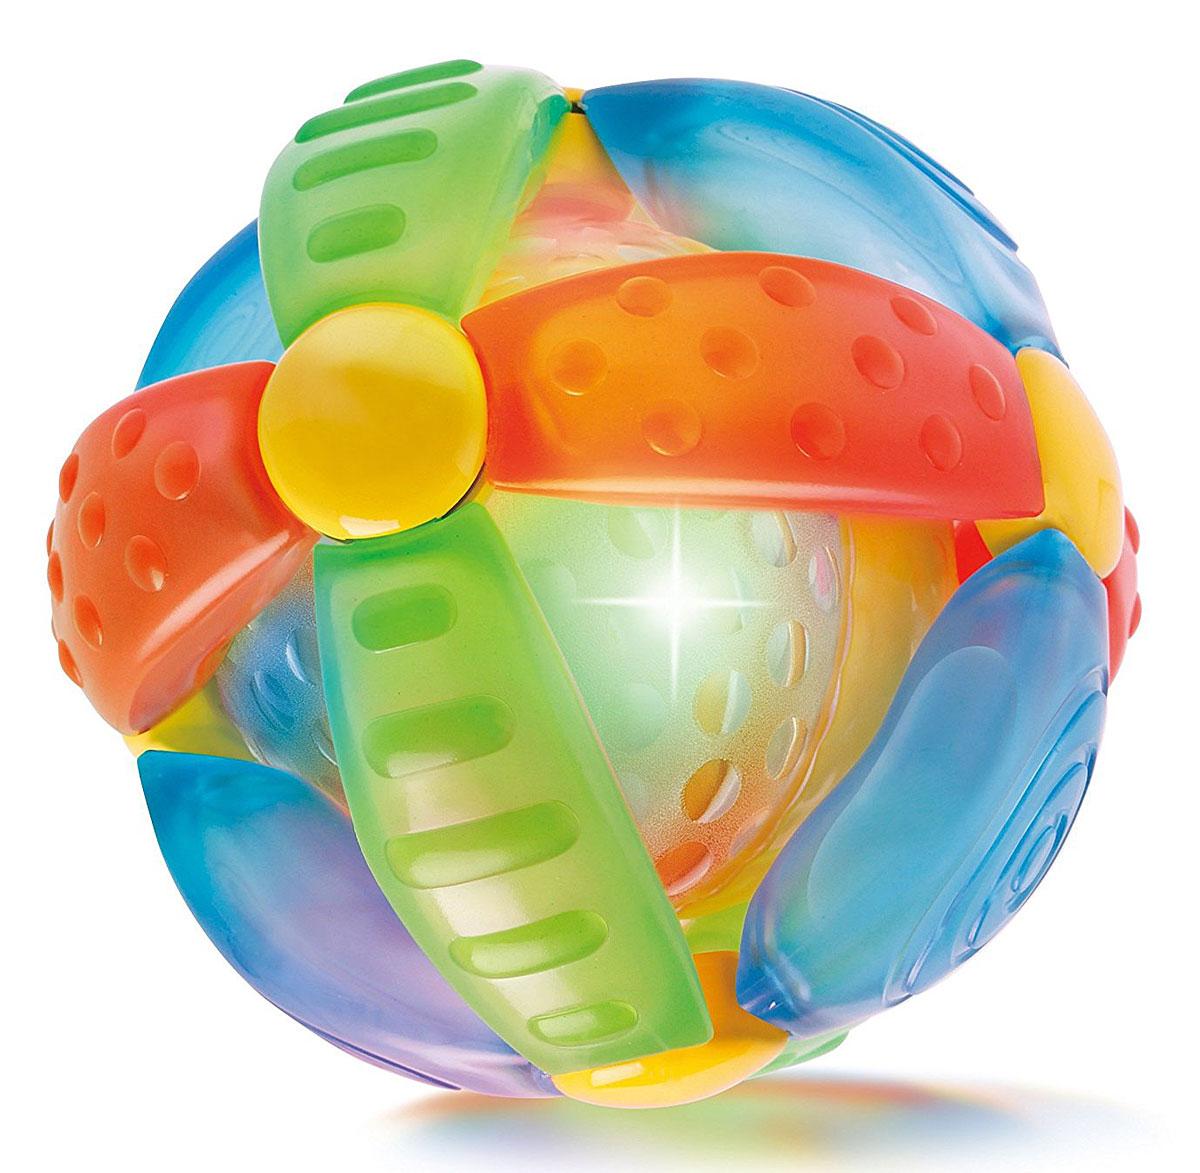 B kids Развивающая игрушка Шар-цветок004341BИгрушка Шар-цветок от B kids - это красивый развивающий мяч со световыми и звуковыми эффектами. Оригинальная концепция этого шара от B kids заключается в том, что чем сильнее вы трясете (чем быстрее катаете) мяч, тем интенсивнее мигают в нем лампочки и громче звучит музыка. Игрушка B kids поможет ребенку в развитии цветового и звукового восприятия, мелкой моторики рук и координации движений. Такую игрушку можно предложить ребенку в возрасте старше 6 месяцев. Для работы игрушки вам потребуется 3 батарейки LR44 (комплектуется демонстрационными).